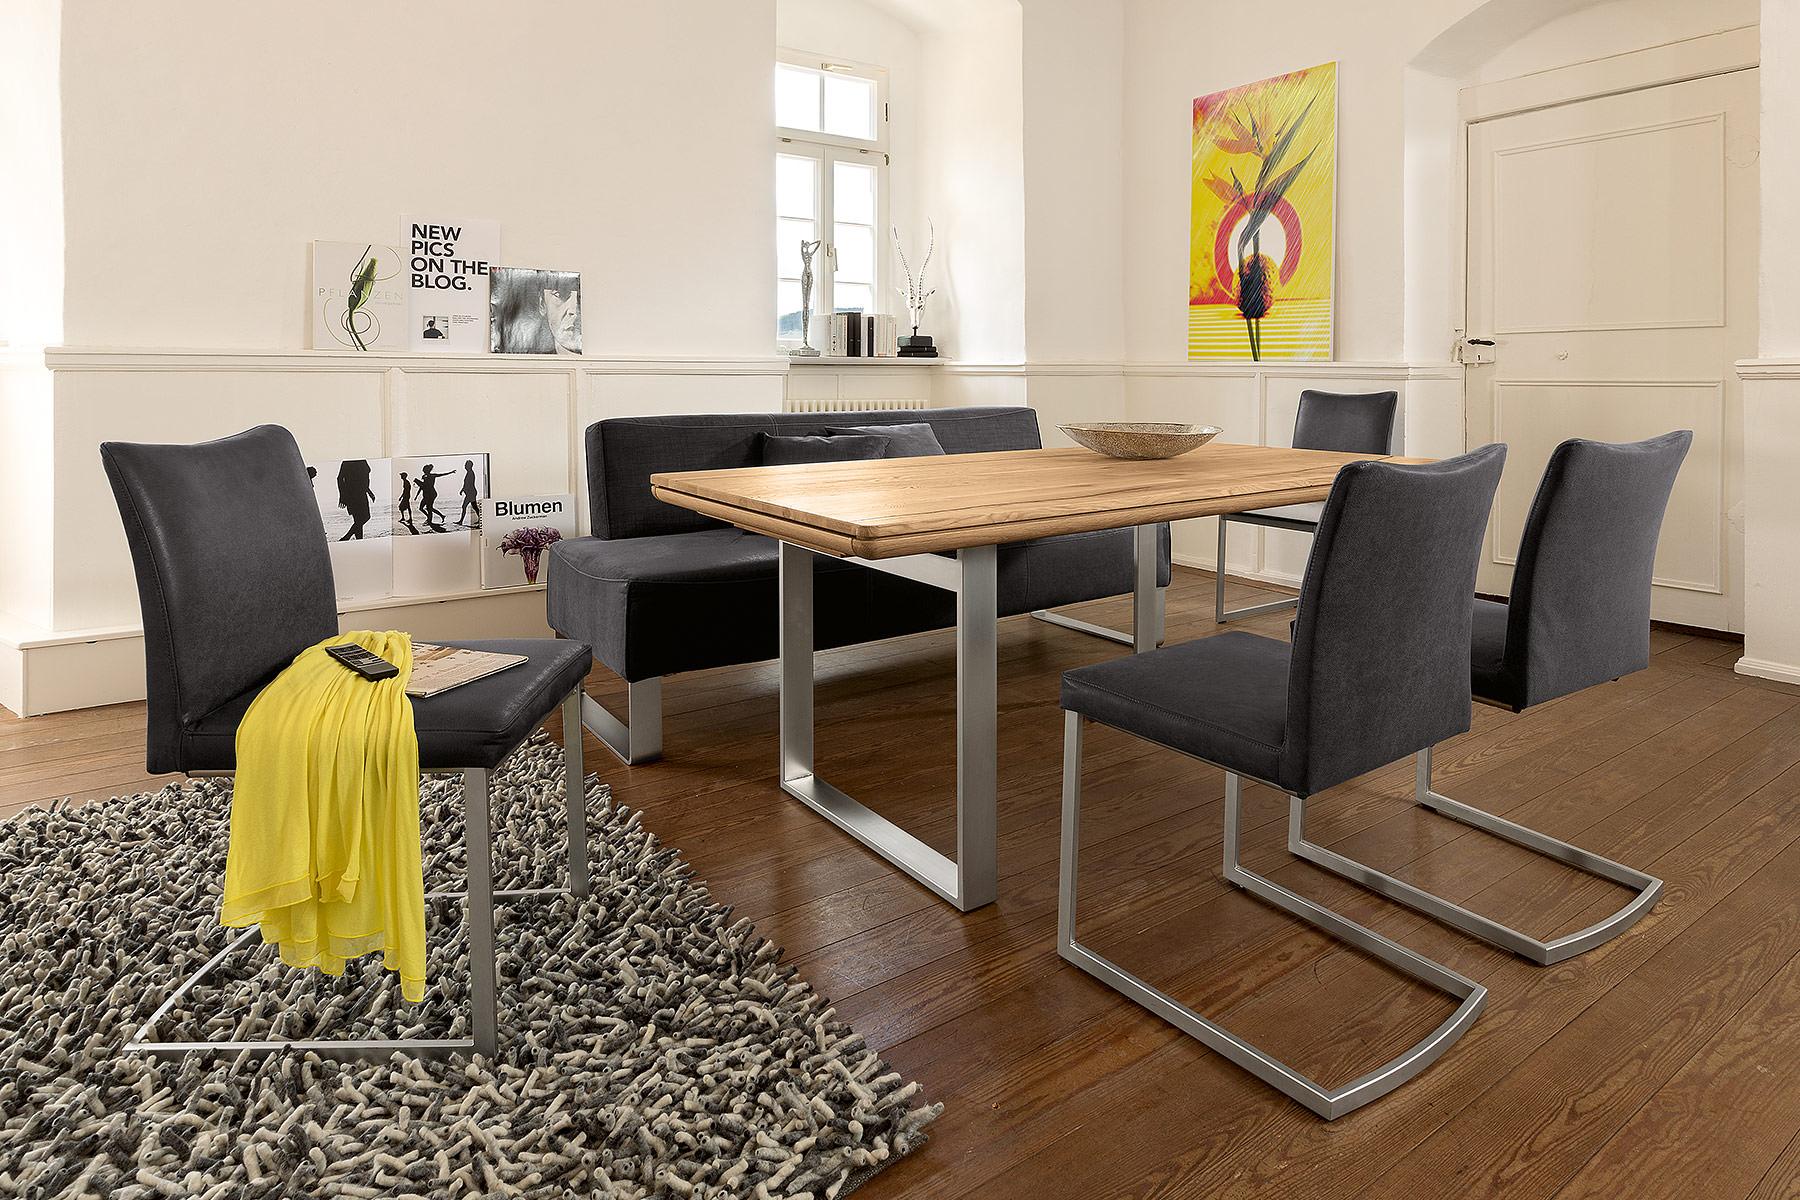 esstisch k chentisch madras von w ssner zum schn ppchenpreis ebay. Black Bedroom Furniture Sets. Home Design Ideas